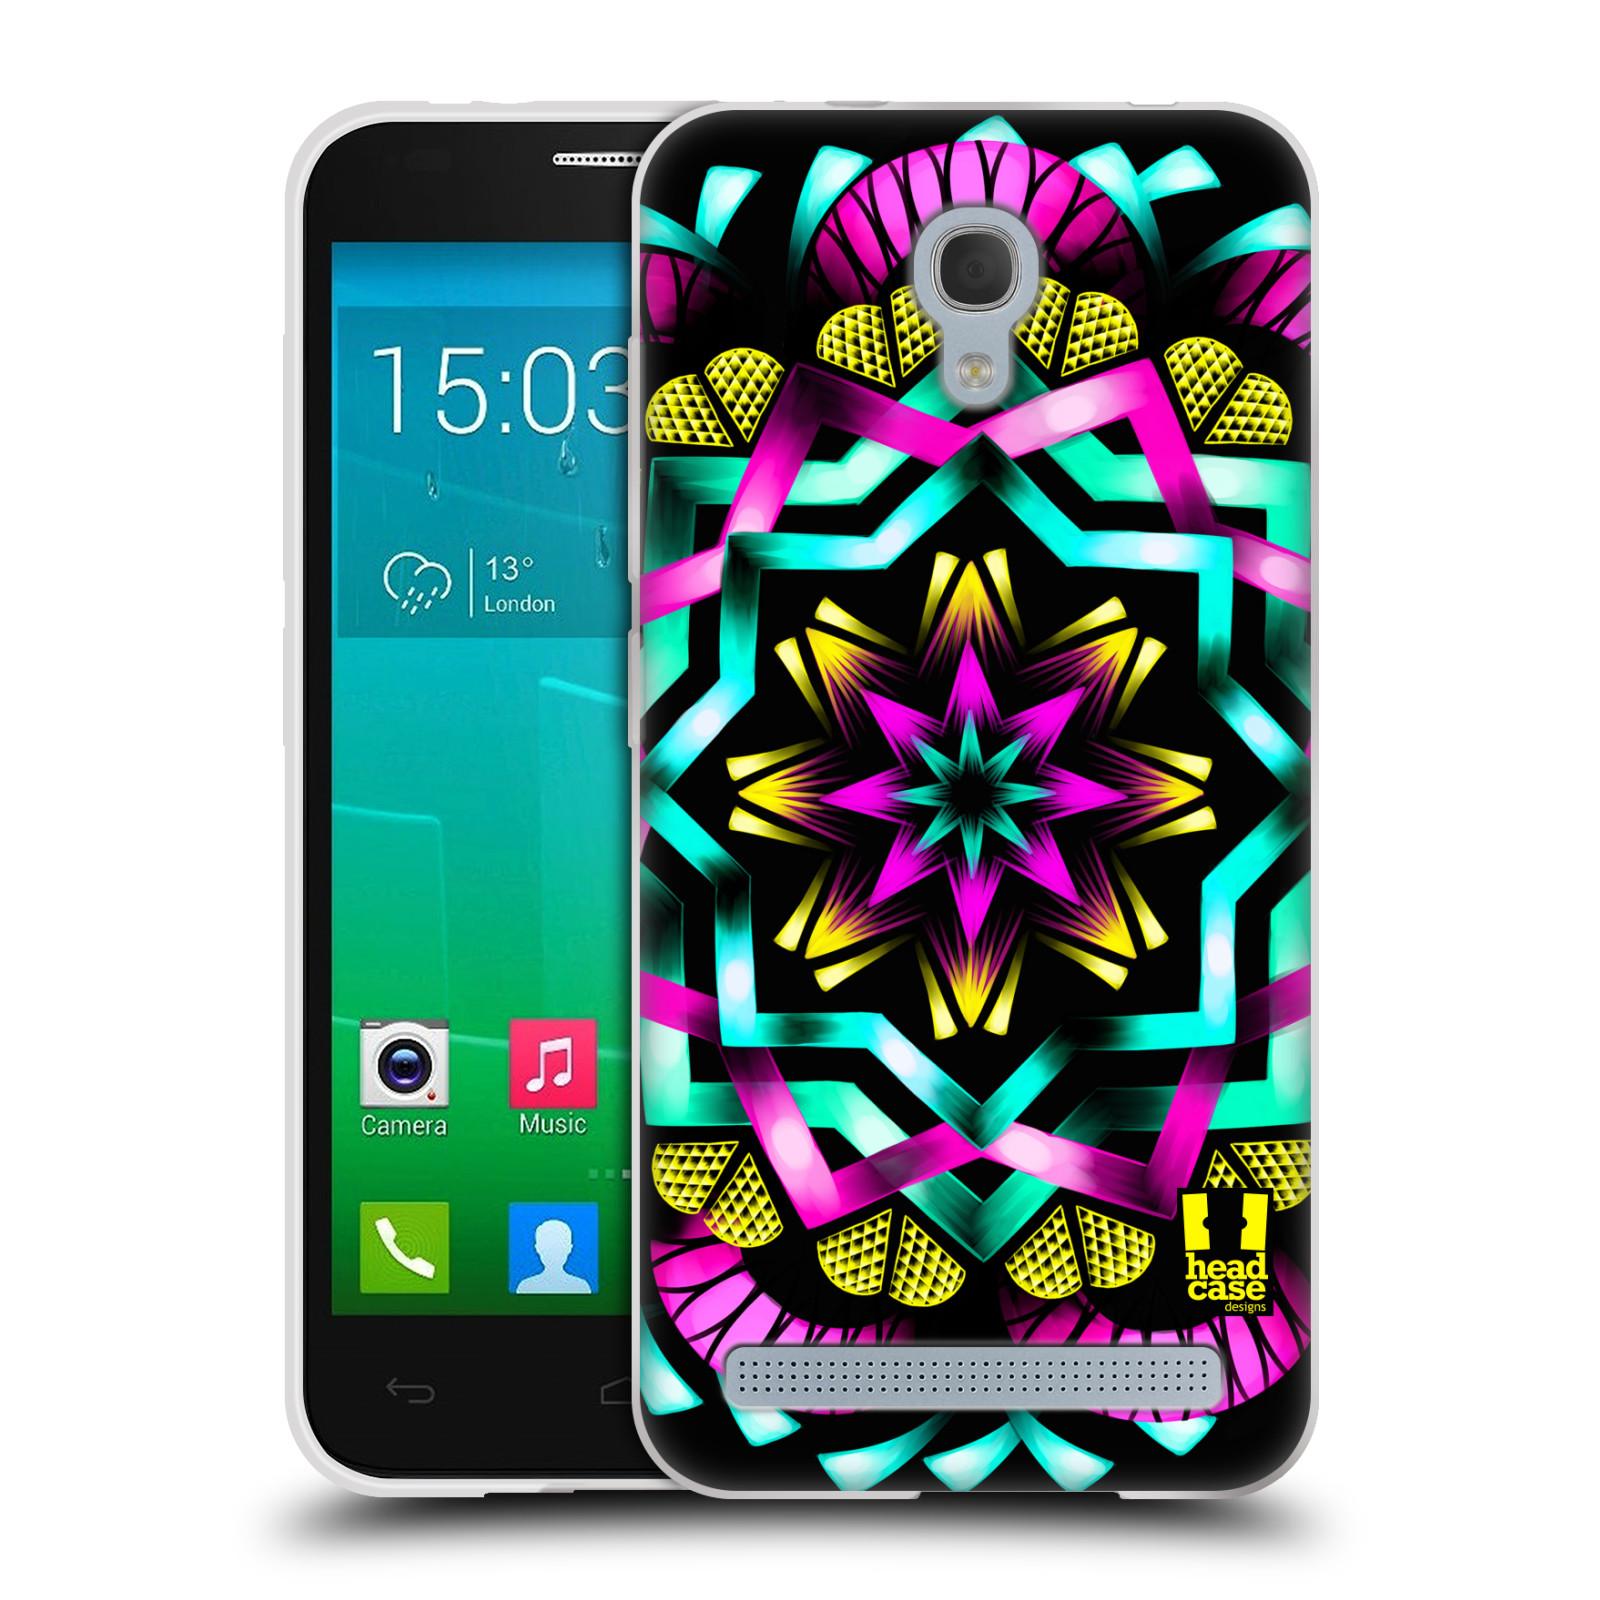 HEAD CASE silikonový obal na mobil Alcatel Idol 2 MINI S 6036Y vzor Indie Mandala kaleidoskop barevný vzor SLUNCE